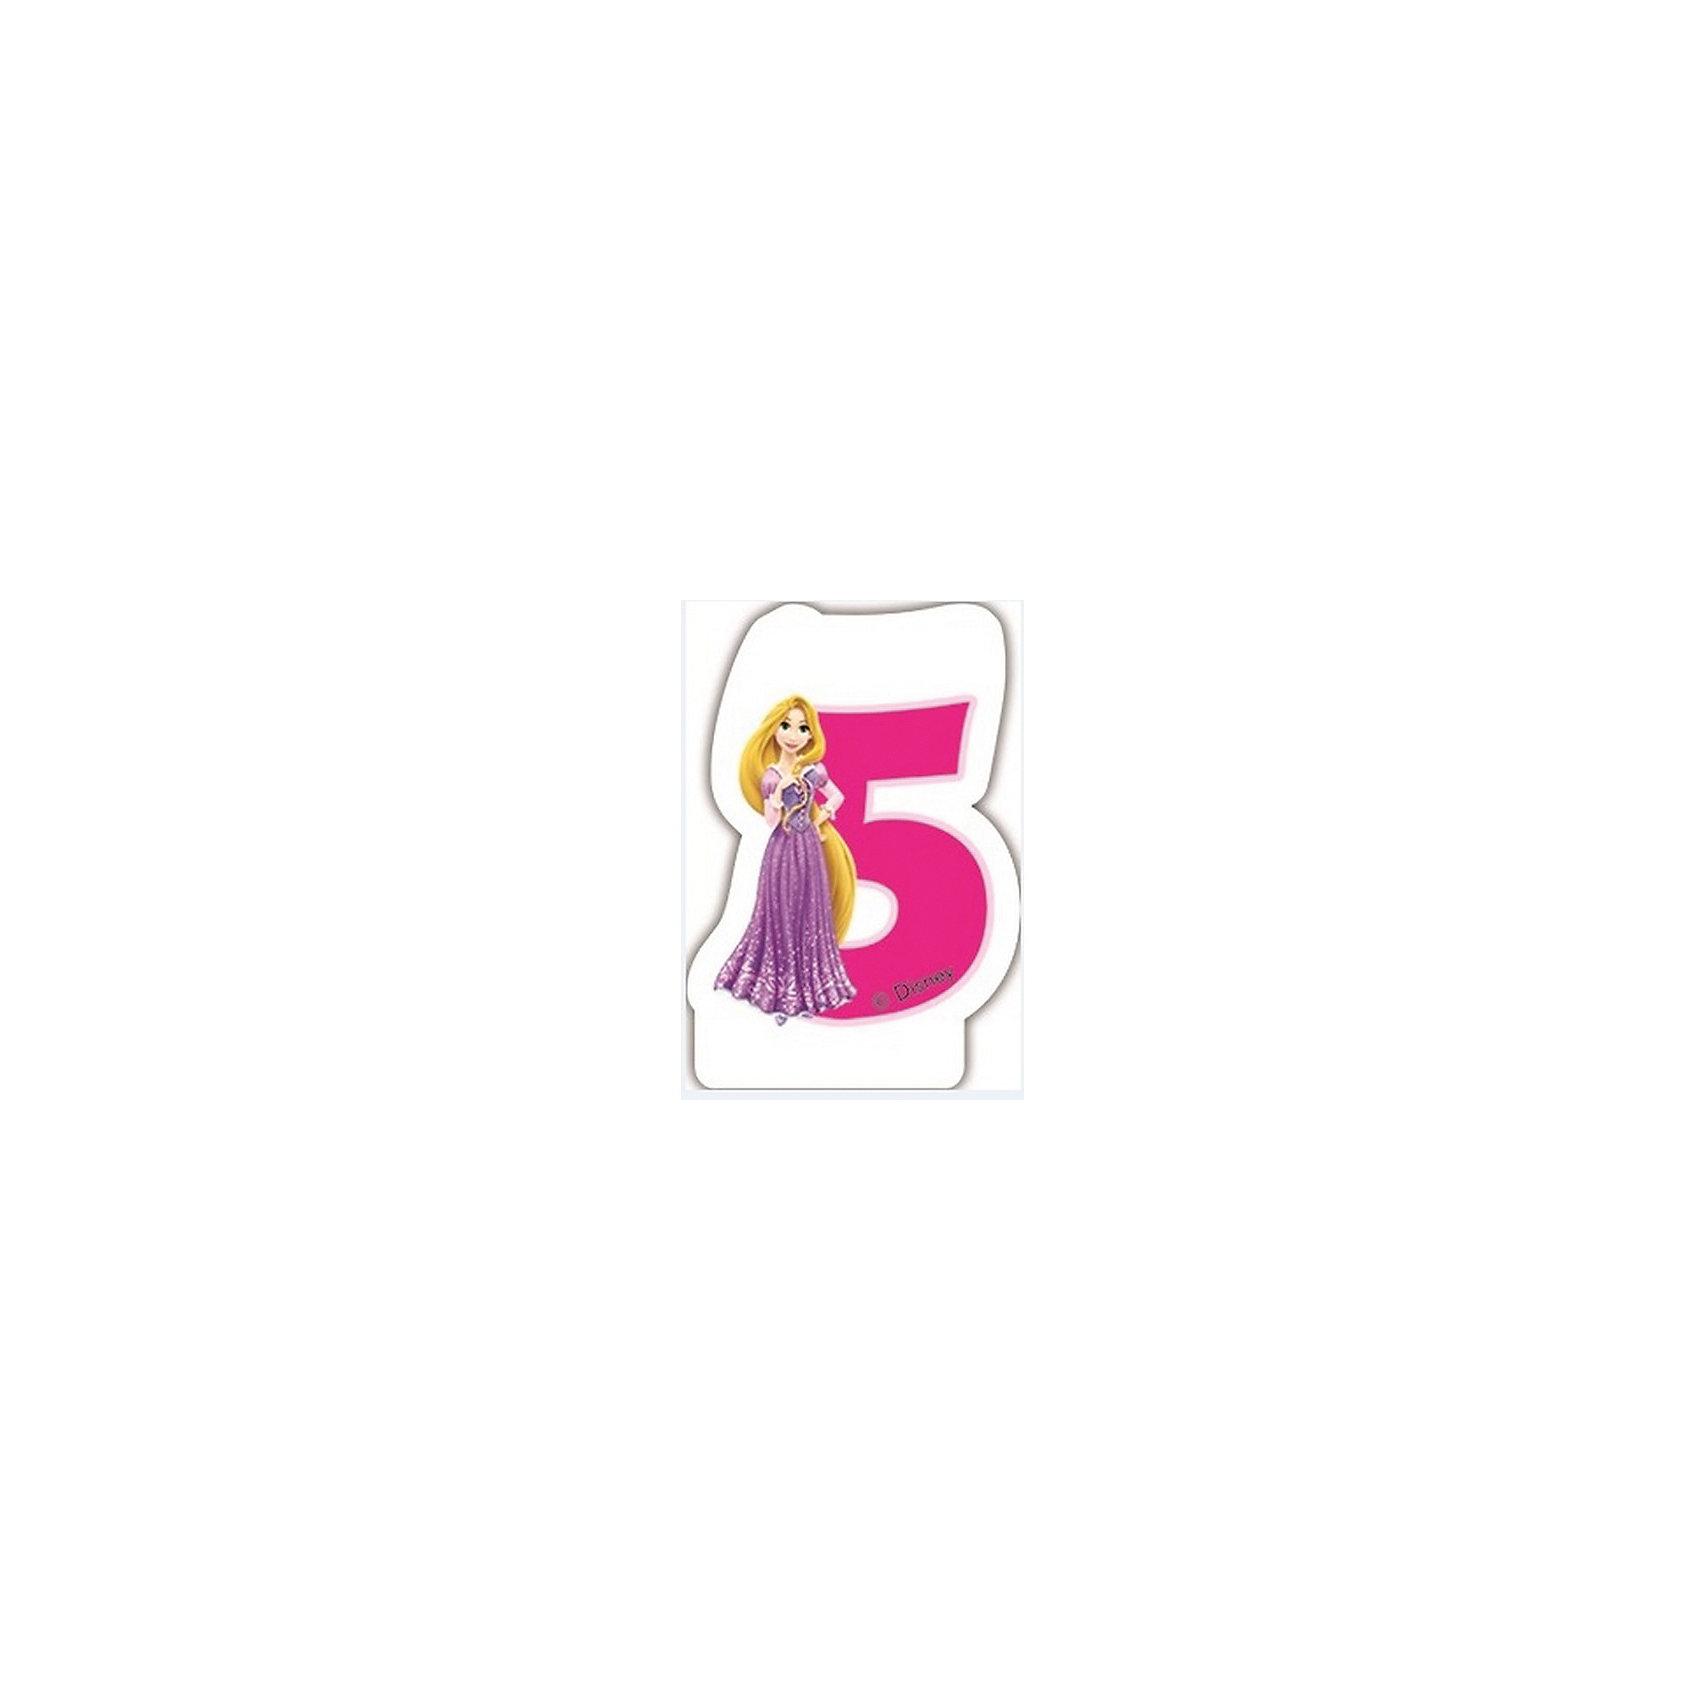 Procos Объемная свечка Принцессы 5 летОбъемная свечка в форме цифры, с изображением любимого героя - используется в оформлениях кондитерских изделий!<br><br>Ширина мм: 85<br>Глубина мм: 35<br>Высота мм: 130<br>Вес г: 33<br>Возраст от месяцев: 36<br>Возраст до месяцев: 168<br>Пол: Женский<br>Возраст: Детский<br>SKU: 2431269